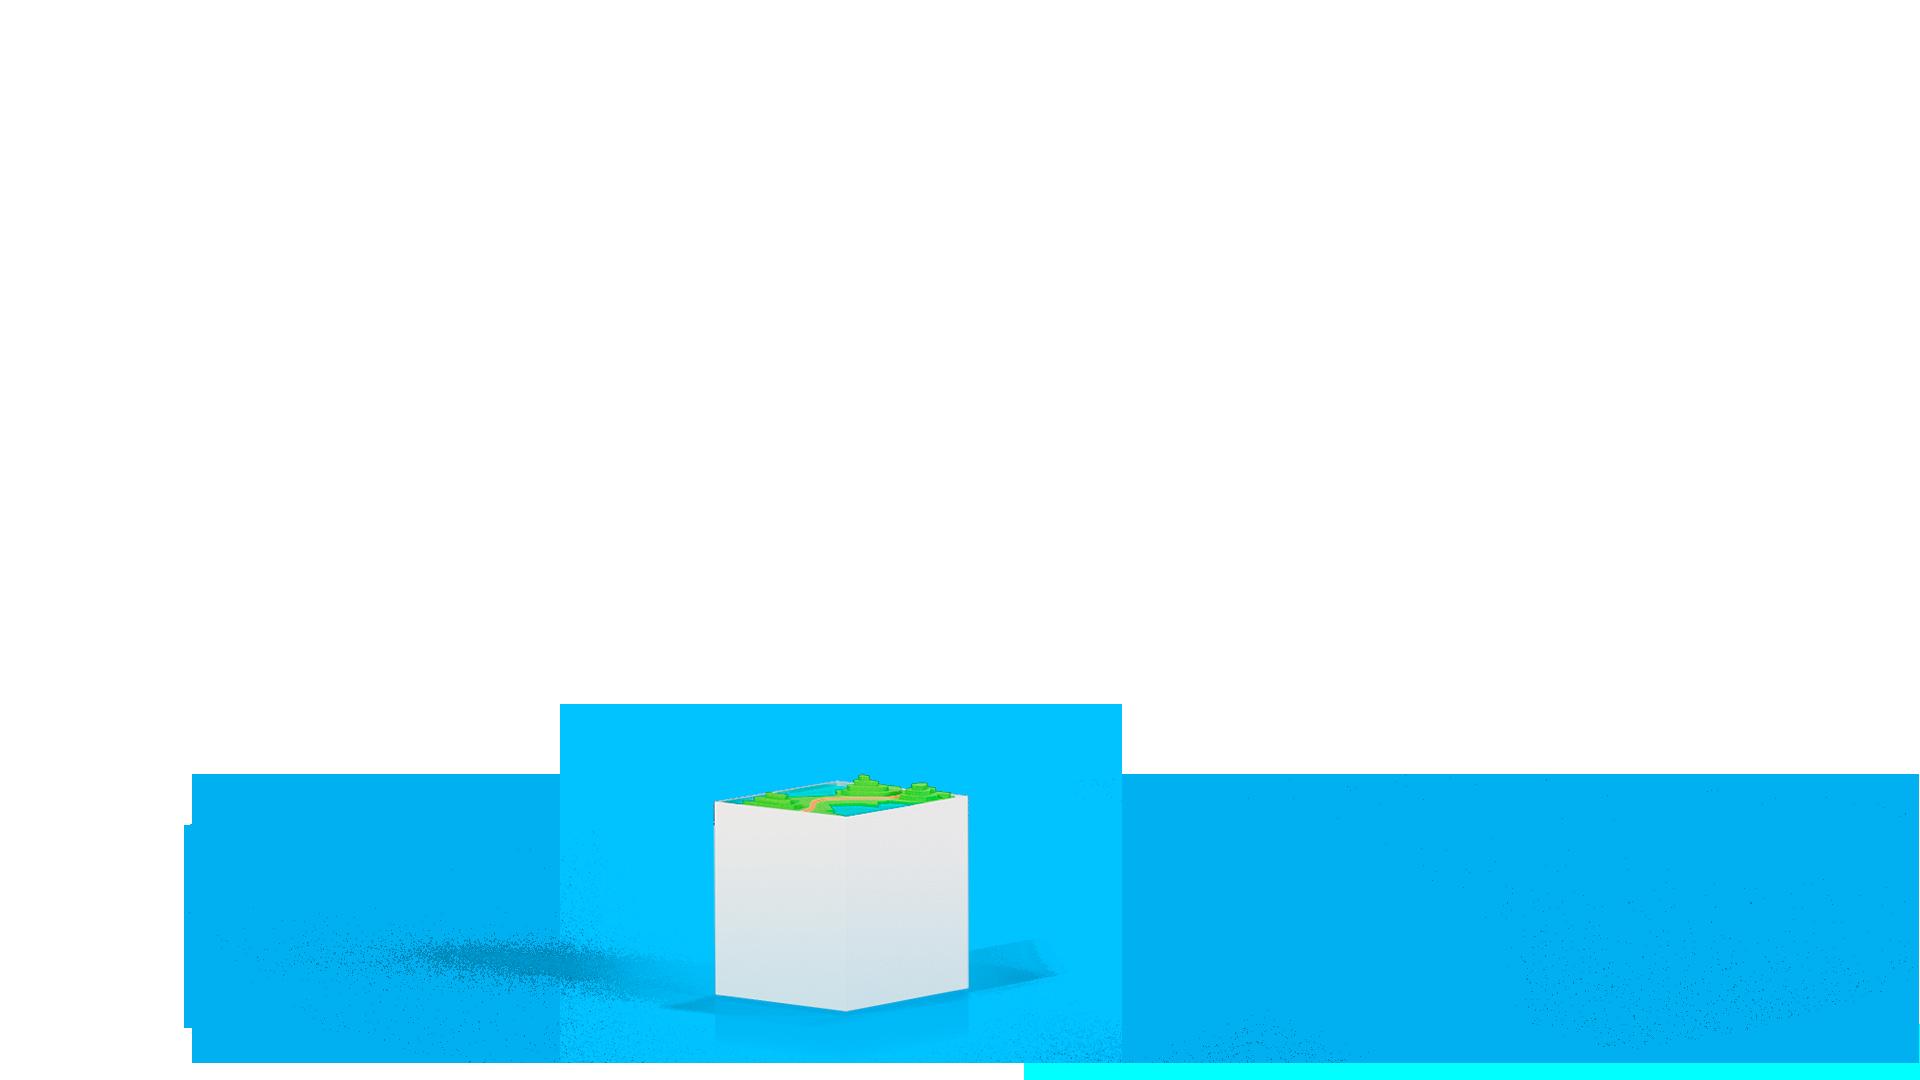 Stele mit Leitungsverlauf auf Karte